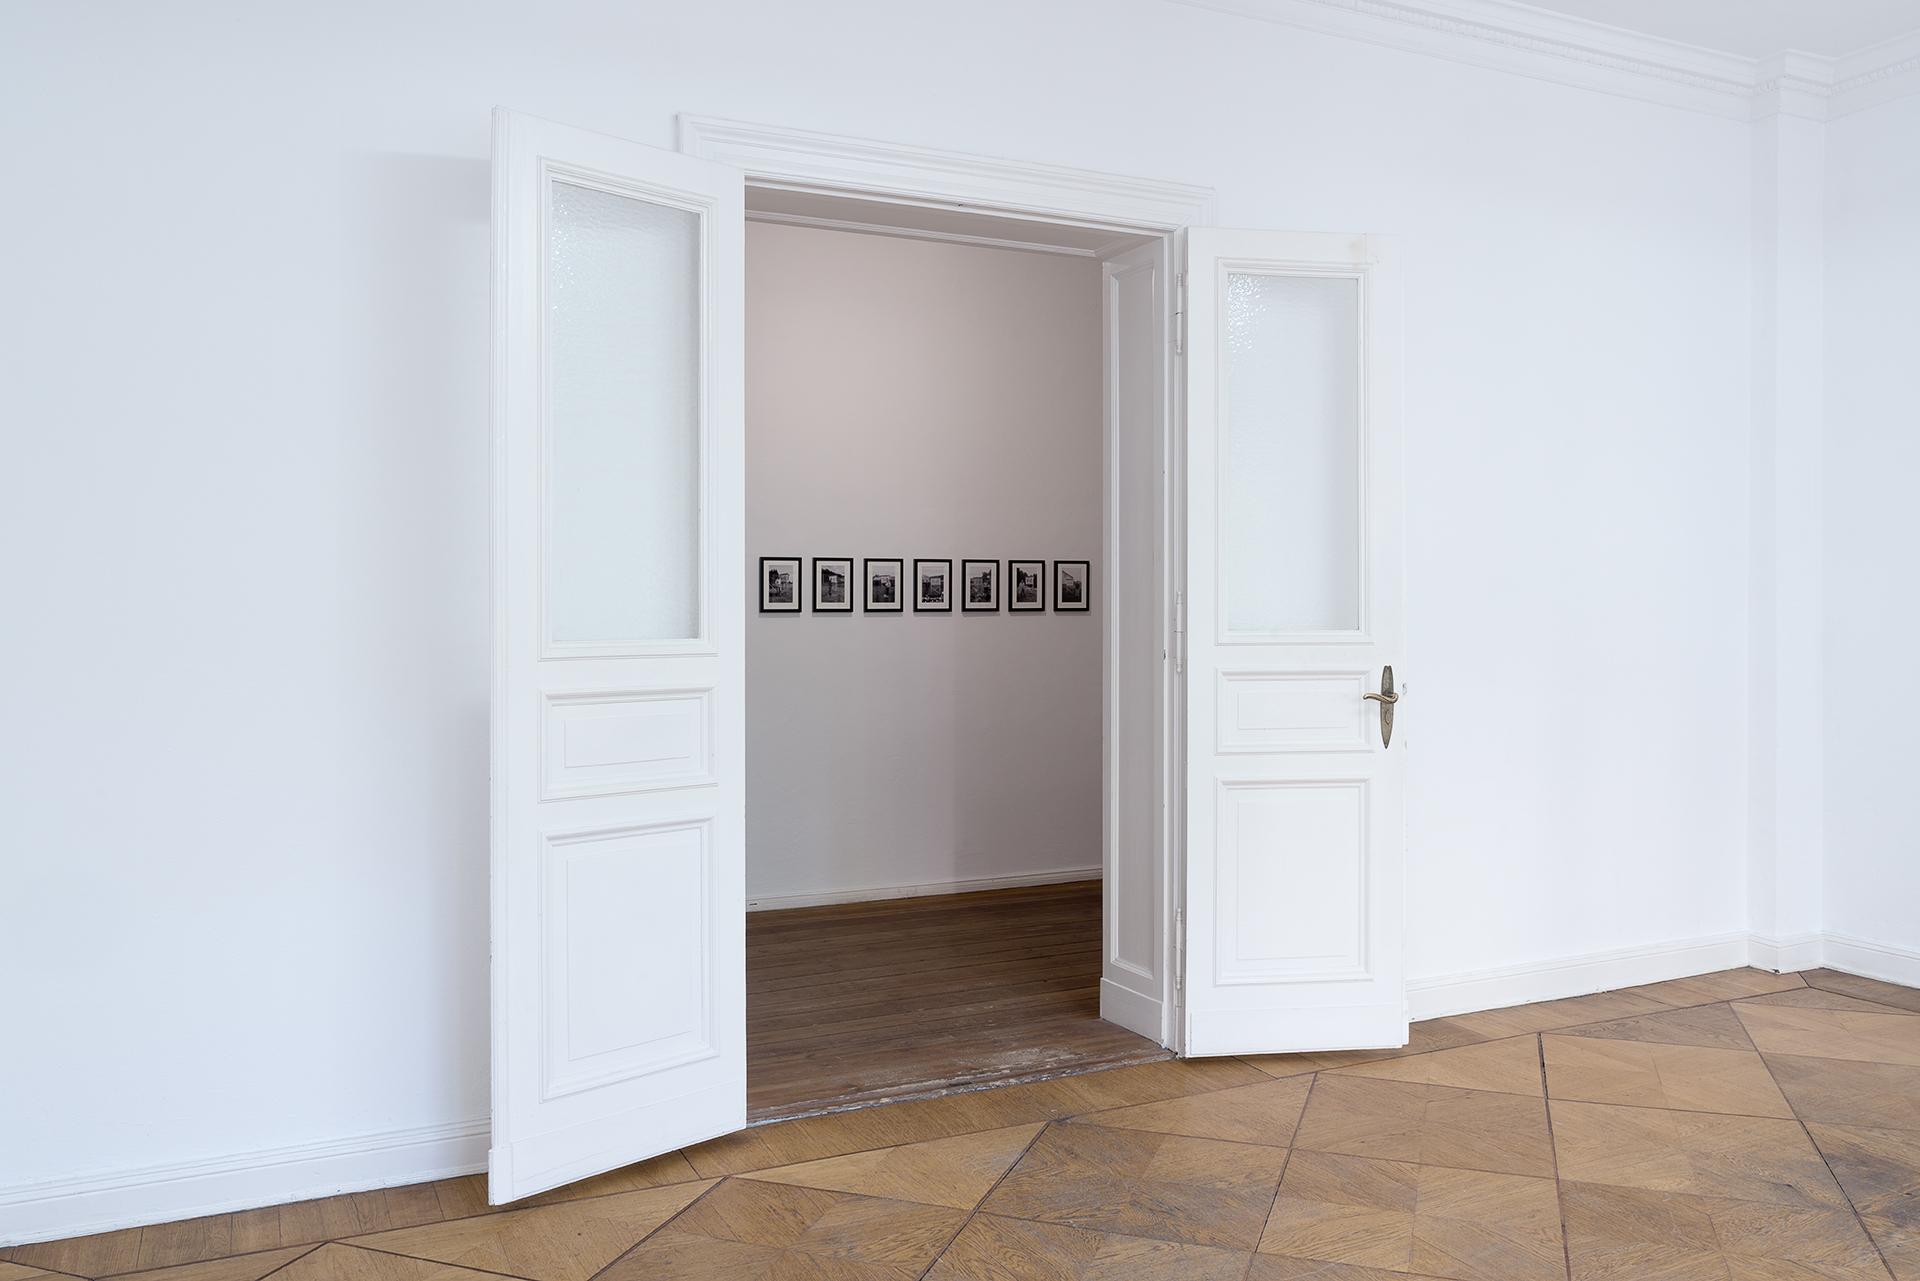 WHITE BOX (Wetterstationen), 2014 26,5 x 21,5 cm